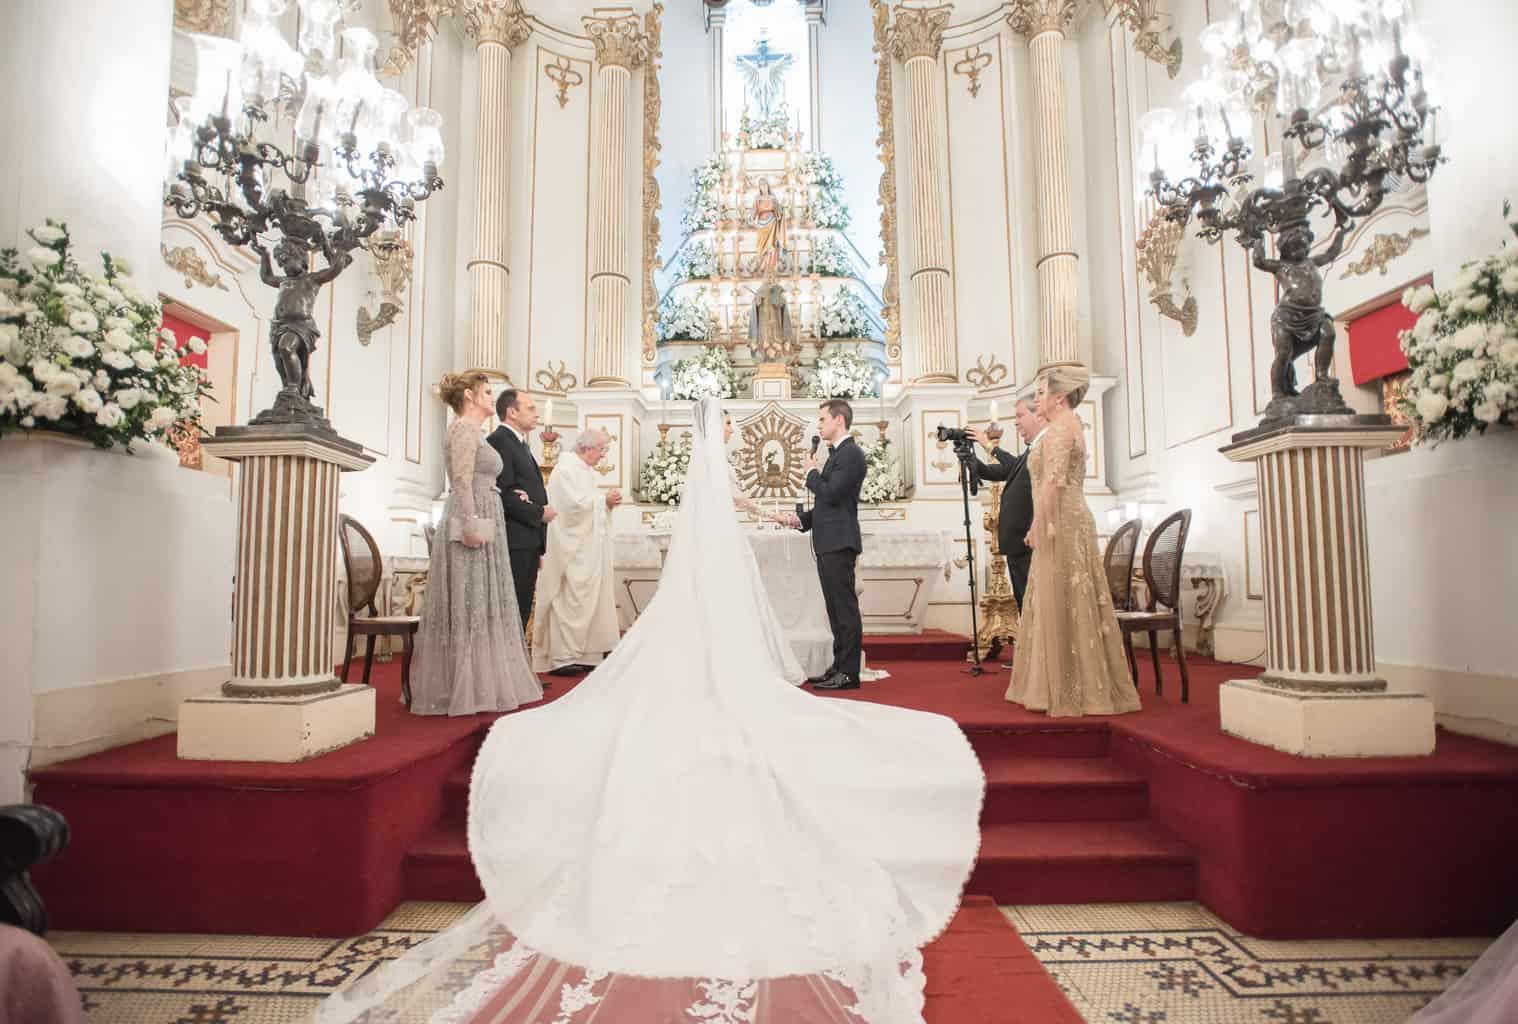 casamento-Patricia-e-Thiago-Igreja-Nossa-Senhora-do-Bonsucesso-Paula-Rocha-Marina-Fava-Cerimonia0908-Patricia-e-Thiago-MFF_0846